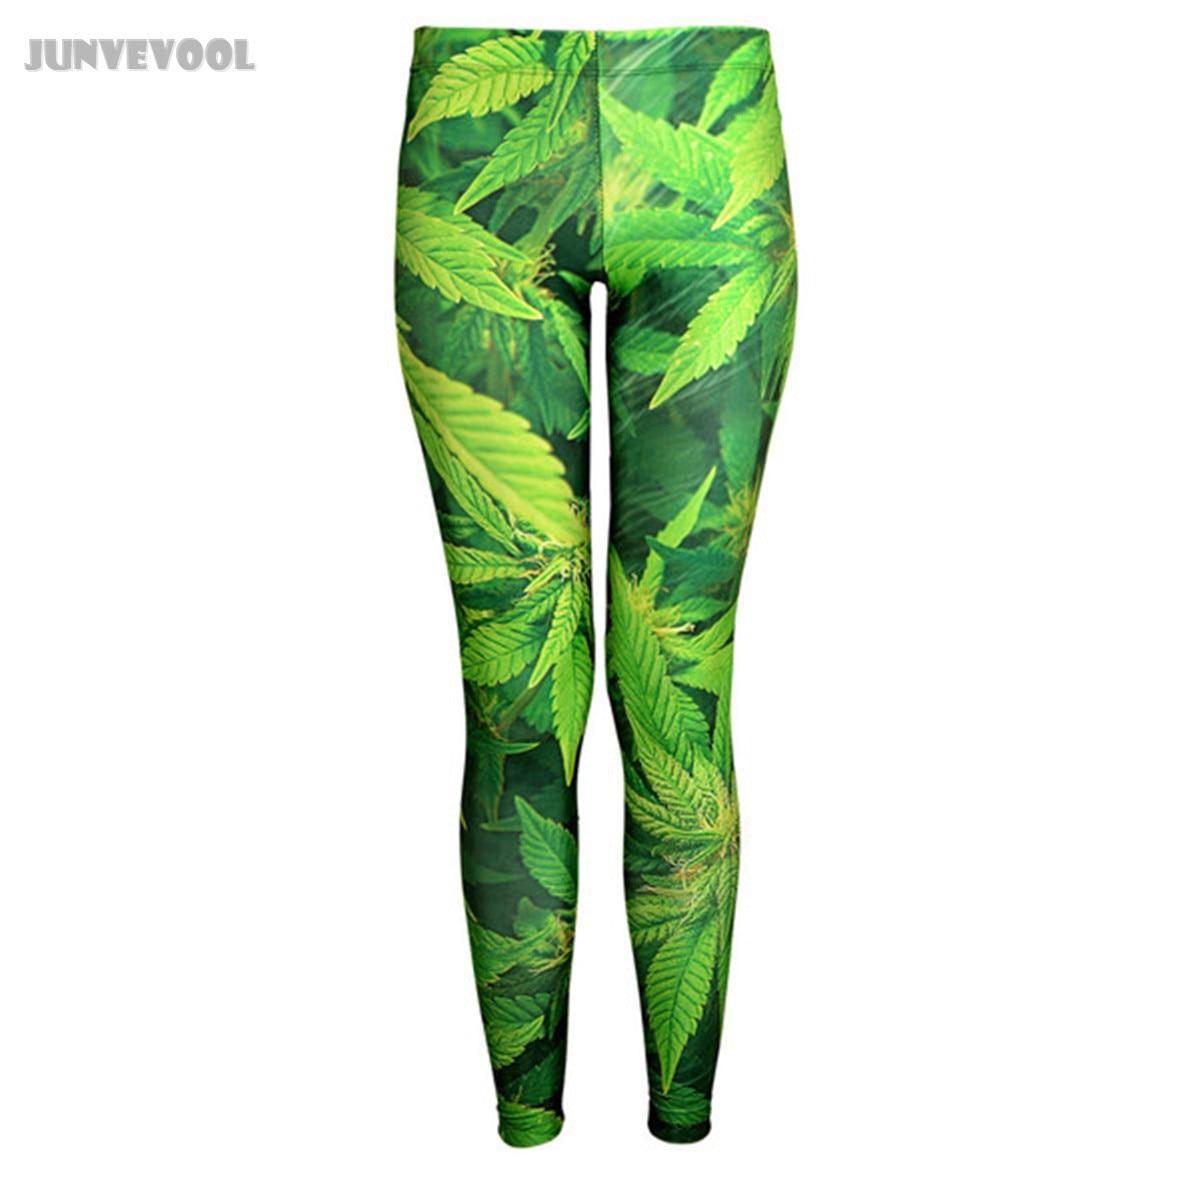 Leaves   Leggings   Plants Green Pants Sexy Ladies Women Digital Print Slender Leaves   Legging   Skinny Pants Seamless Women's Trousers